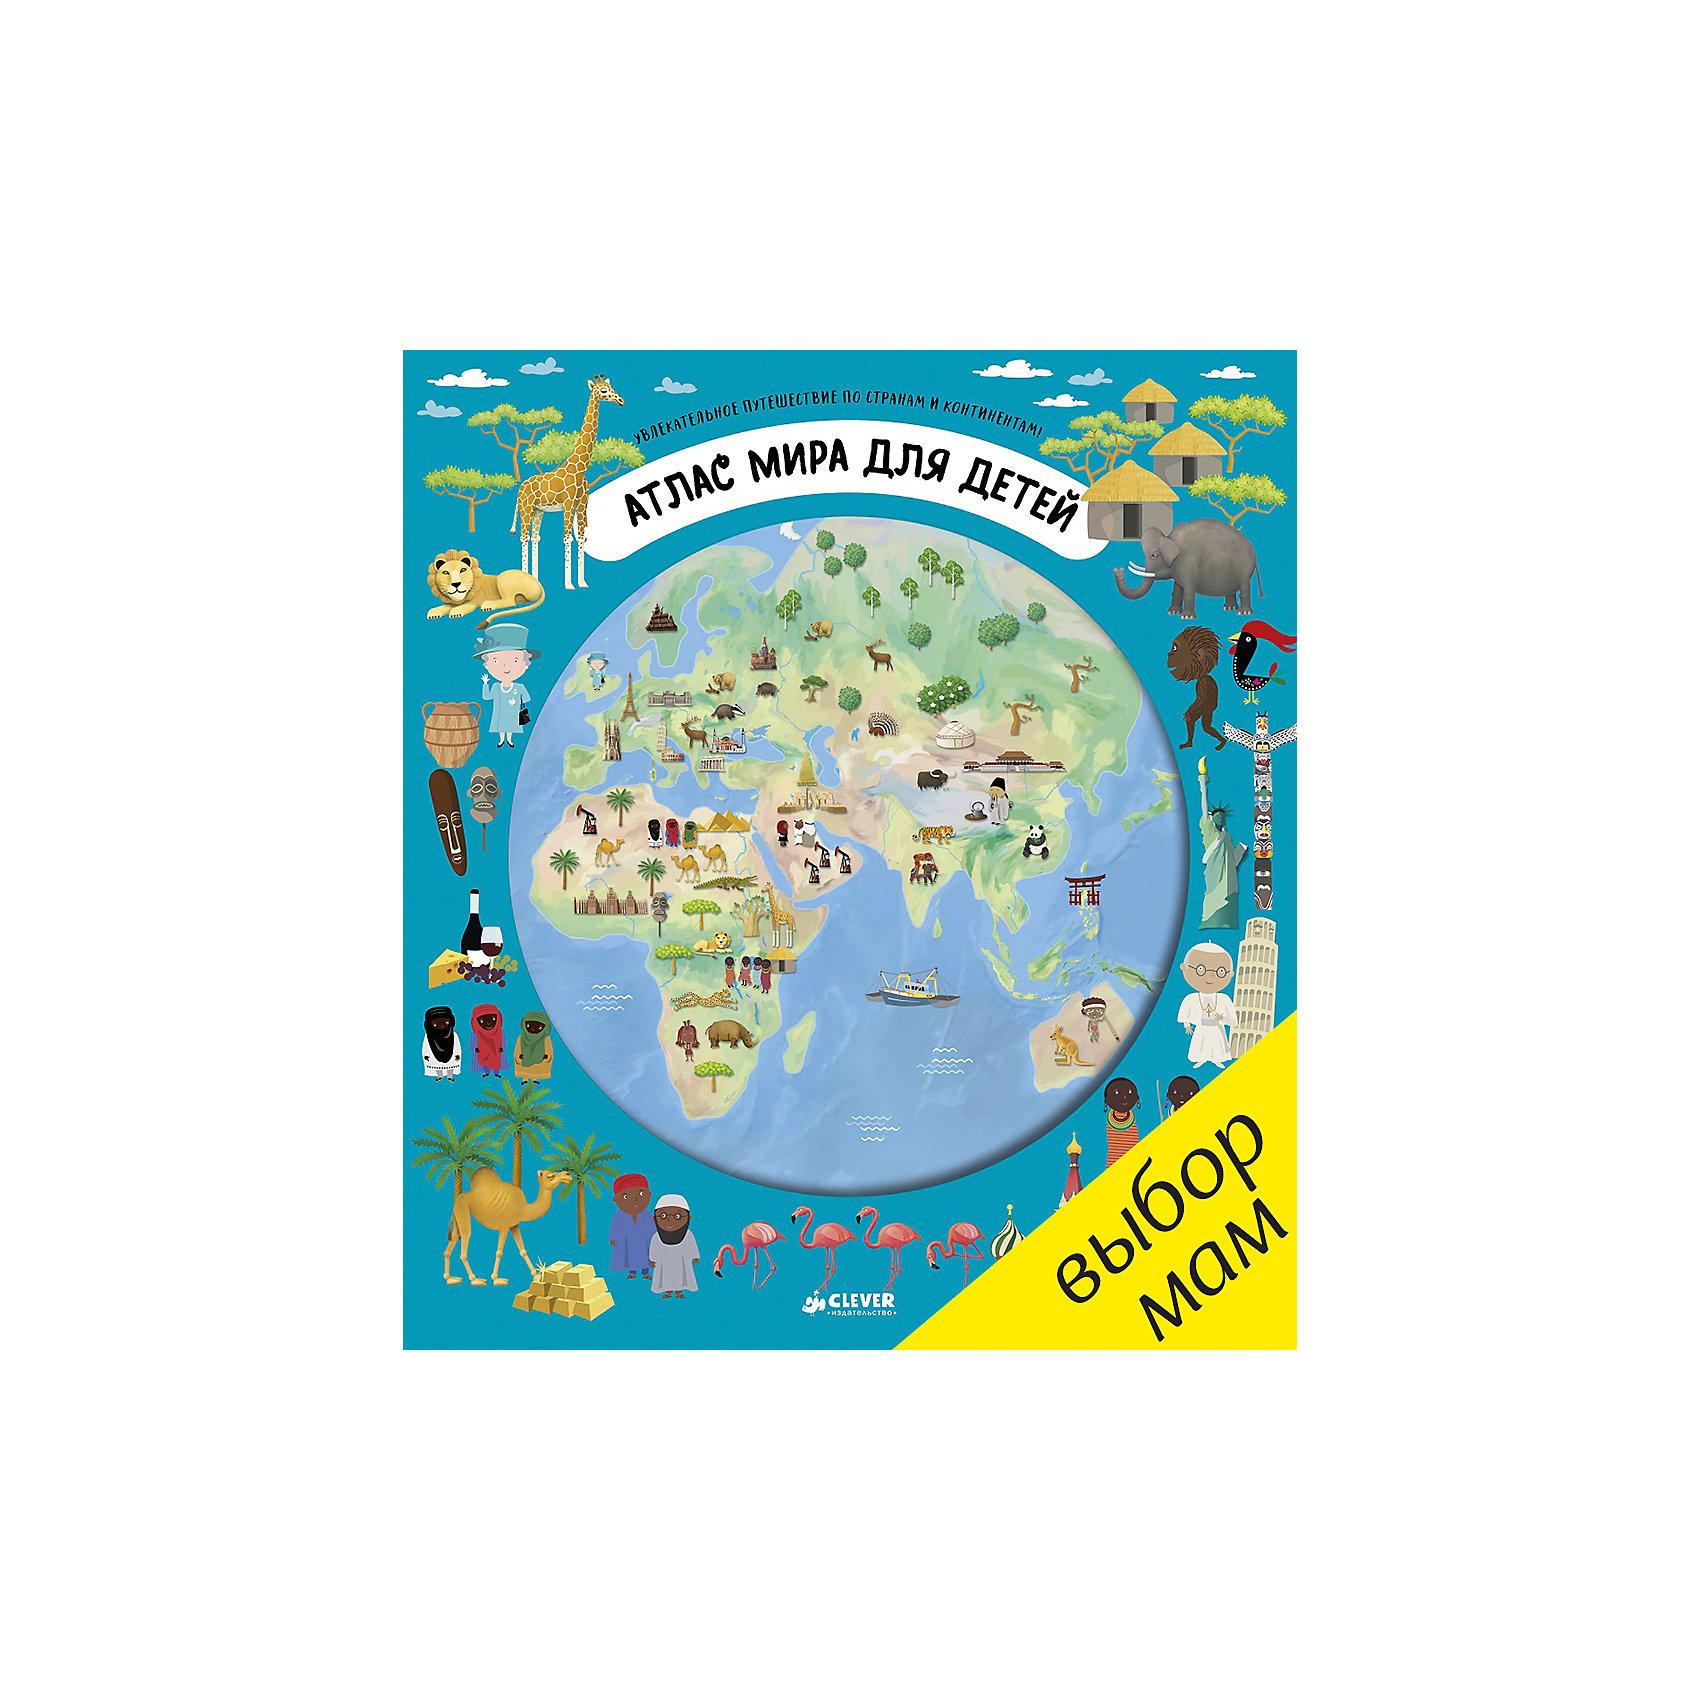 Атлас мира для детей, CleverCLEVER (КЛЕВЕР)<br>Характеристики атласа мира для детей:<br><br>• пол: для мальчиков и девочек<br>• возраст: 4-5 лет<br>• формат: 28.2х24.7х1.9 см<br>• комплект: книга, наклейки, открытки, паспорт путешественника.<br>• переплет: твердый переплёт<br>• иллюстрации: цветные<br>• кол-во страниц: 32<br>• авторы: Слейтер Д.<br>• издательство: Clever<br>• серия: найди, покажи, расскажи<br>• страна обладатель бренда: Россия<br><br>Данная книга из серии Удивительные энциклопедии представляет собой Атлас мира и предоставляет возможность посетить все континенты на планете Земля. Ребенок сможет в игровой форме узнать не только о том, народы каких национальностей проживают на земле, но и какие животные на ней обитают. С помощью открыток, находящихся под обложкой книги, ребенок сможет прочитать краткую информацию о разных странах.<br>Используя наклейки, можно научиться определять какой из флагов соответствует той или иной стране, и какие животные в ней обитают. <br><br>Паспорт путешественника содержит в себе не только много полезной и интересной информации, в нем также и масса увлекательных заданий, выполнять которые одно удовольствие. Плотные и прочные страницы книги ярко проиллюстрированы, с таким пособием можно заниматься дома и брать с собой в путешествие, отчего поездка станет еще интересней.<br><br>Атлас мира для детей издательства Clever  можно купить в нашем интернет-магазине<br><br>Ширина мм: 280<br>Глубина мм: 215<br>Высота мм: 10<br>Вес г: 666<br>Возраст от месяцев: 48<br>Возраст до месяцев: 72<br>Пол: Унисекс<br>Возраст: Детский<br>SKU: 5440244